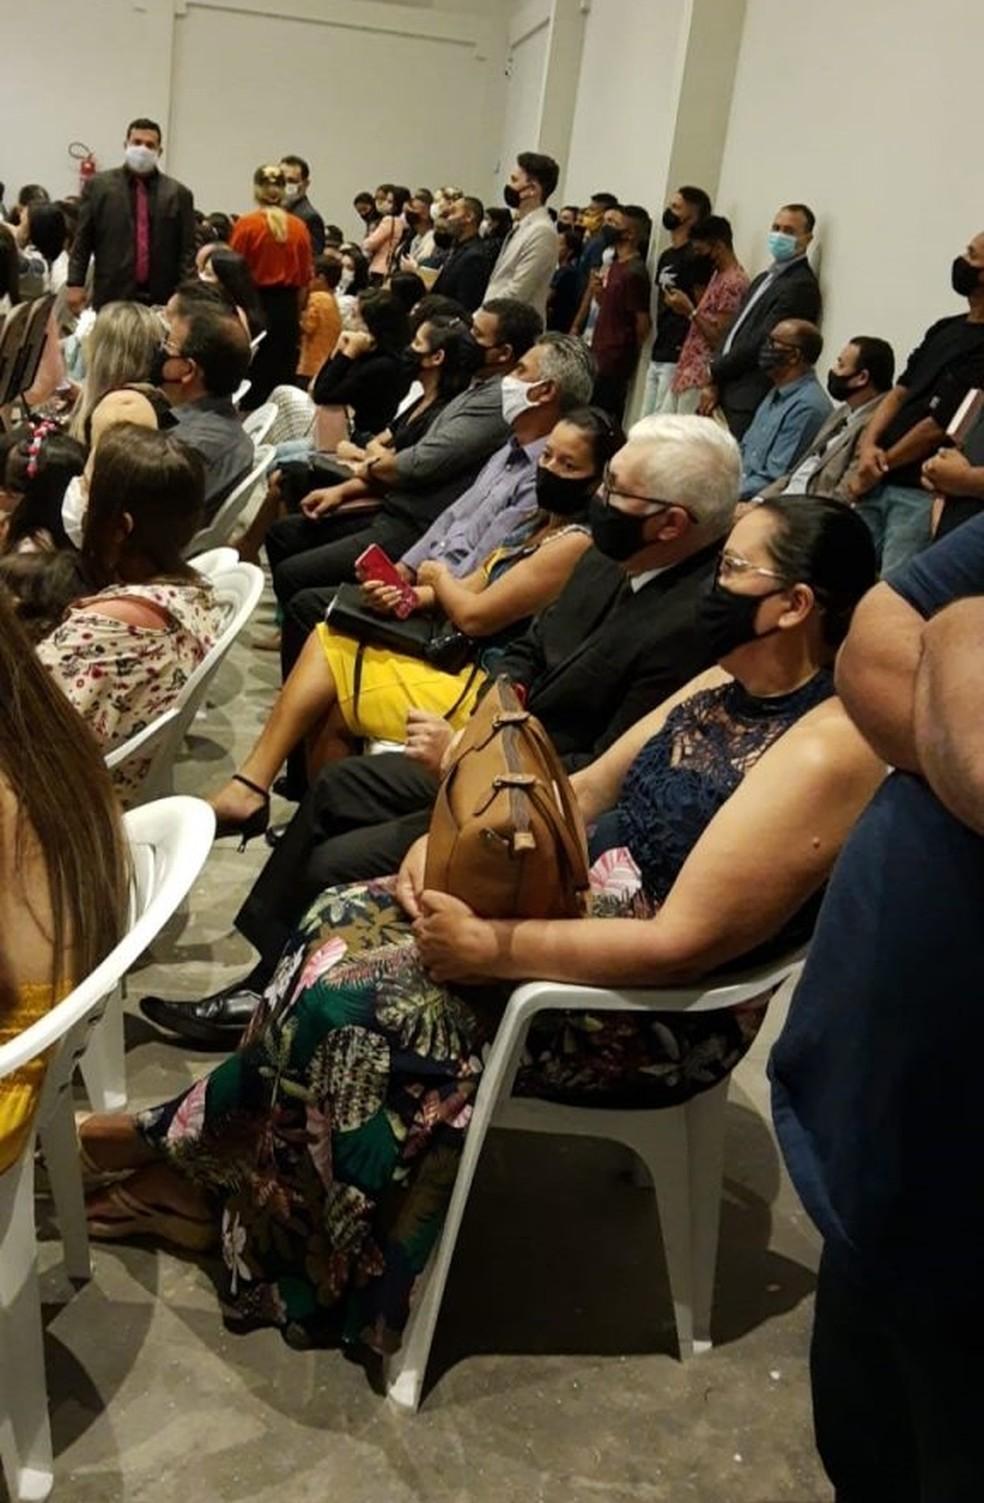 Mesmo com cadeiras acrescentadas às existentes na igreja, algumas pessoas ficaram em pé durante culto. — Foto: Reprodução/Instagram